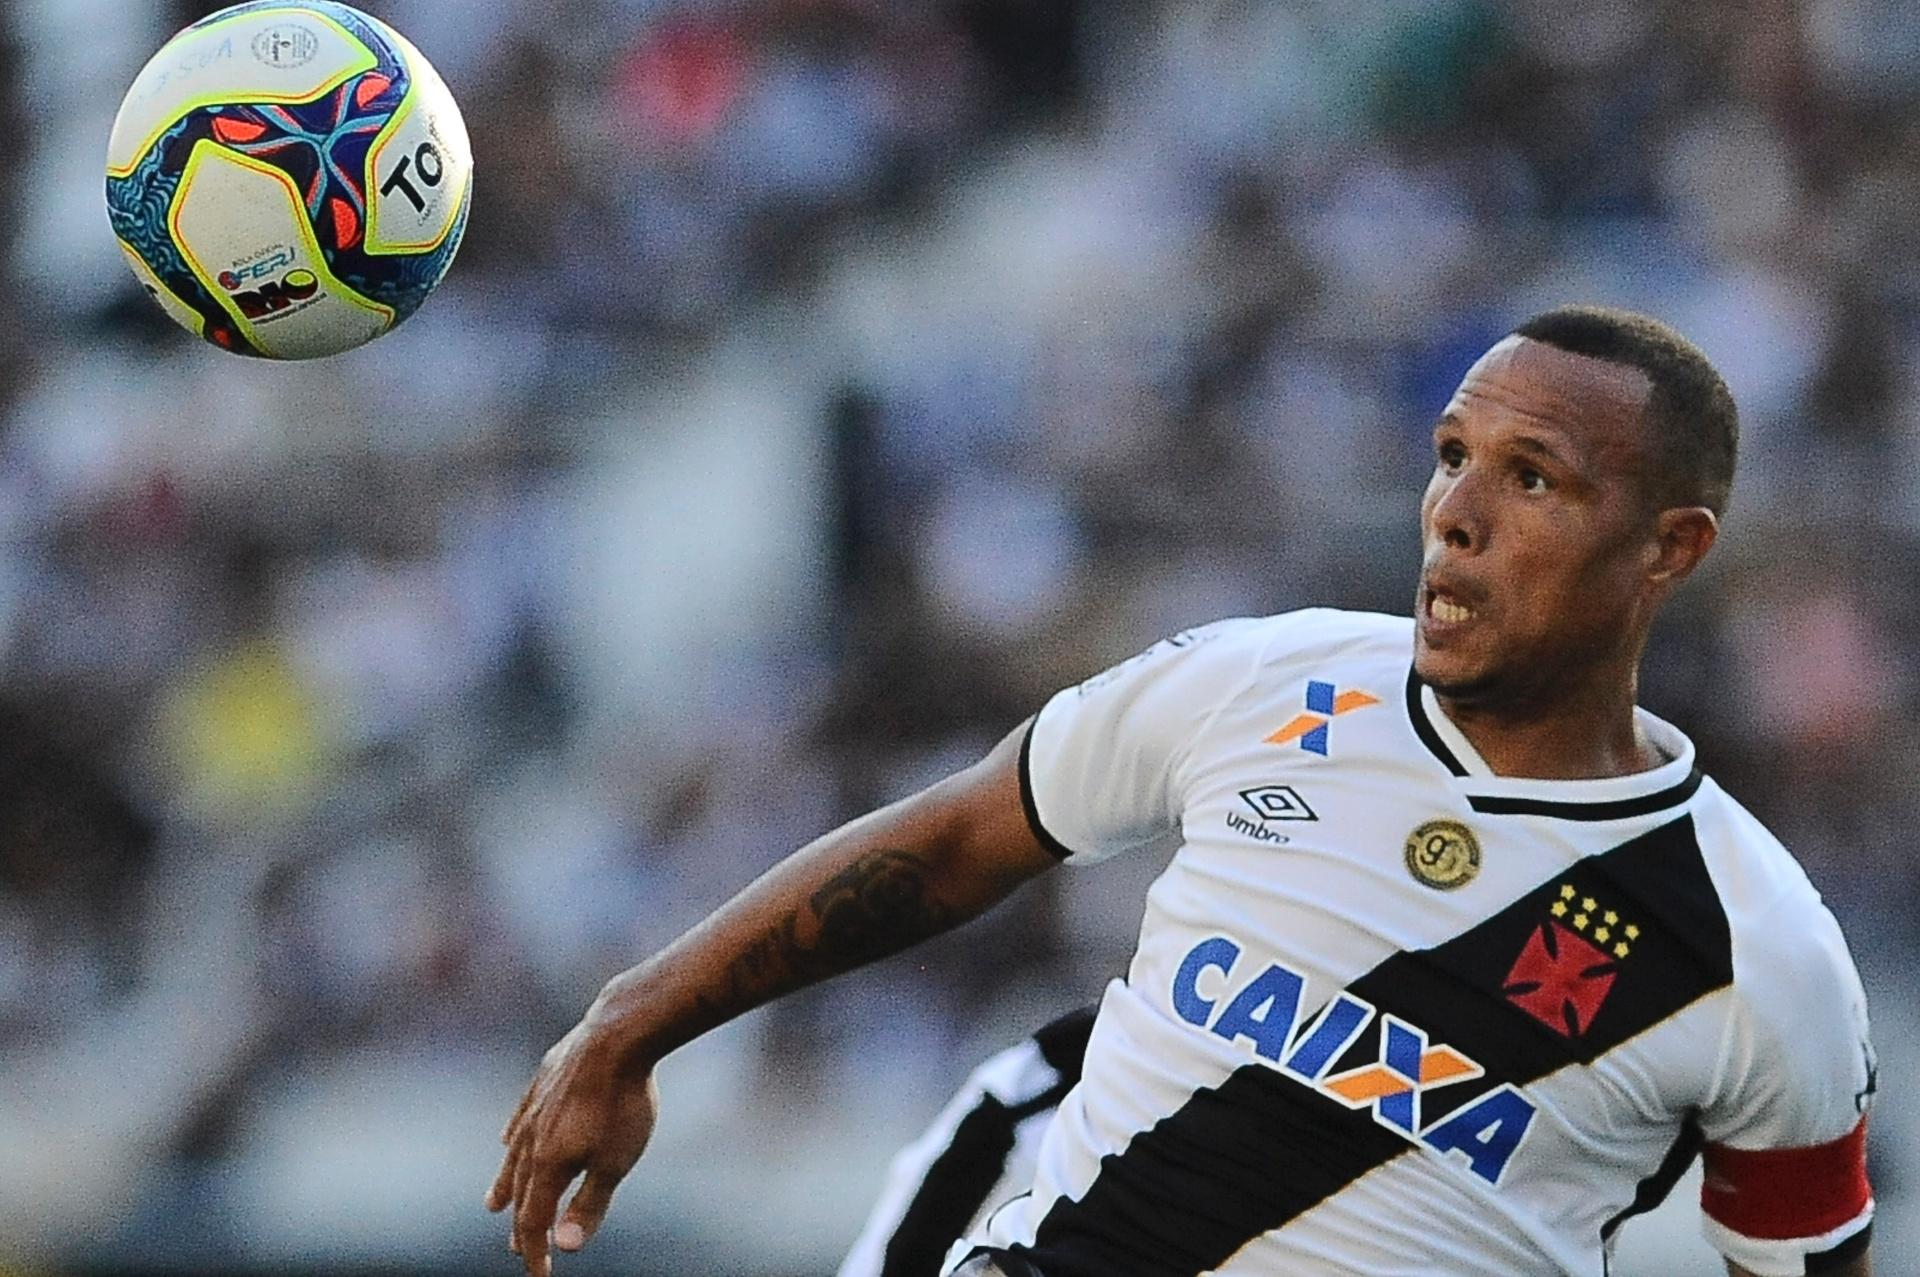 c06f60c6b2 Vasco coleciona eliminações em 2017 e reforços não brilham - 28 04 2017 -  UOL Esporte